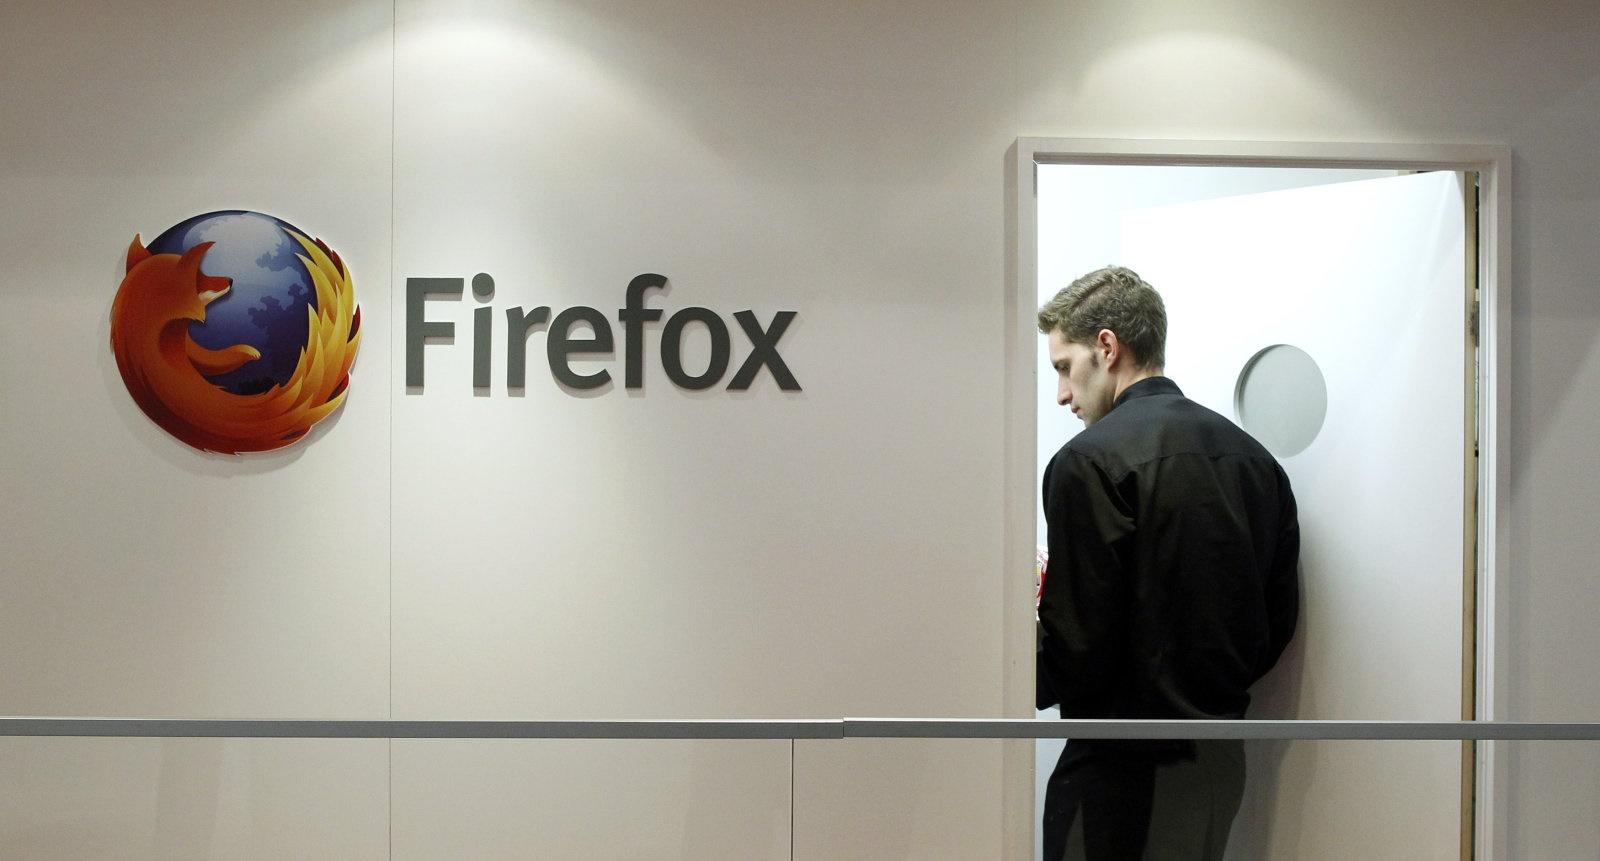 خداحافظی ایکس پی و ویستا با پشتیبانی فایرفاکس